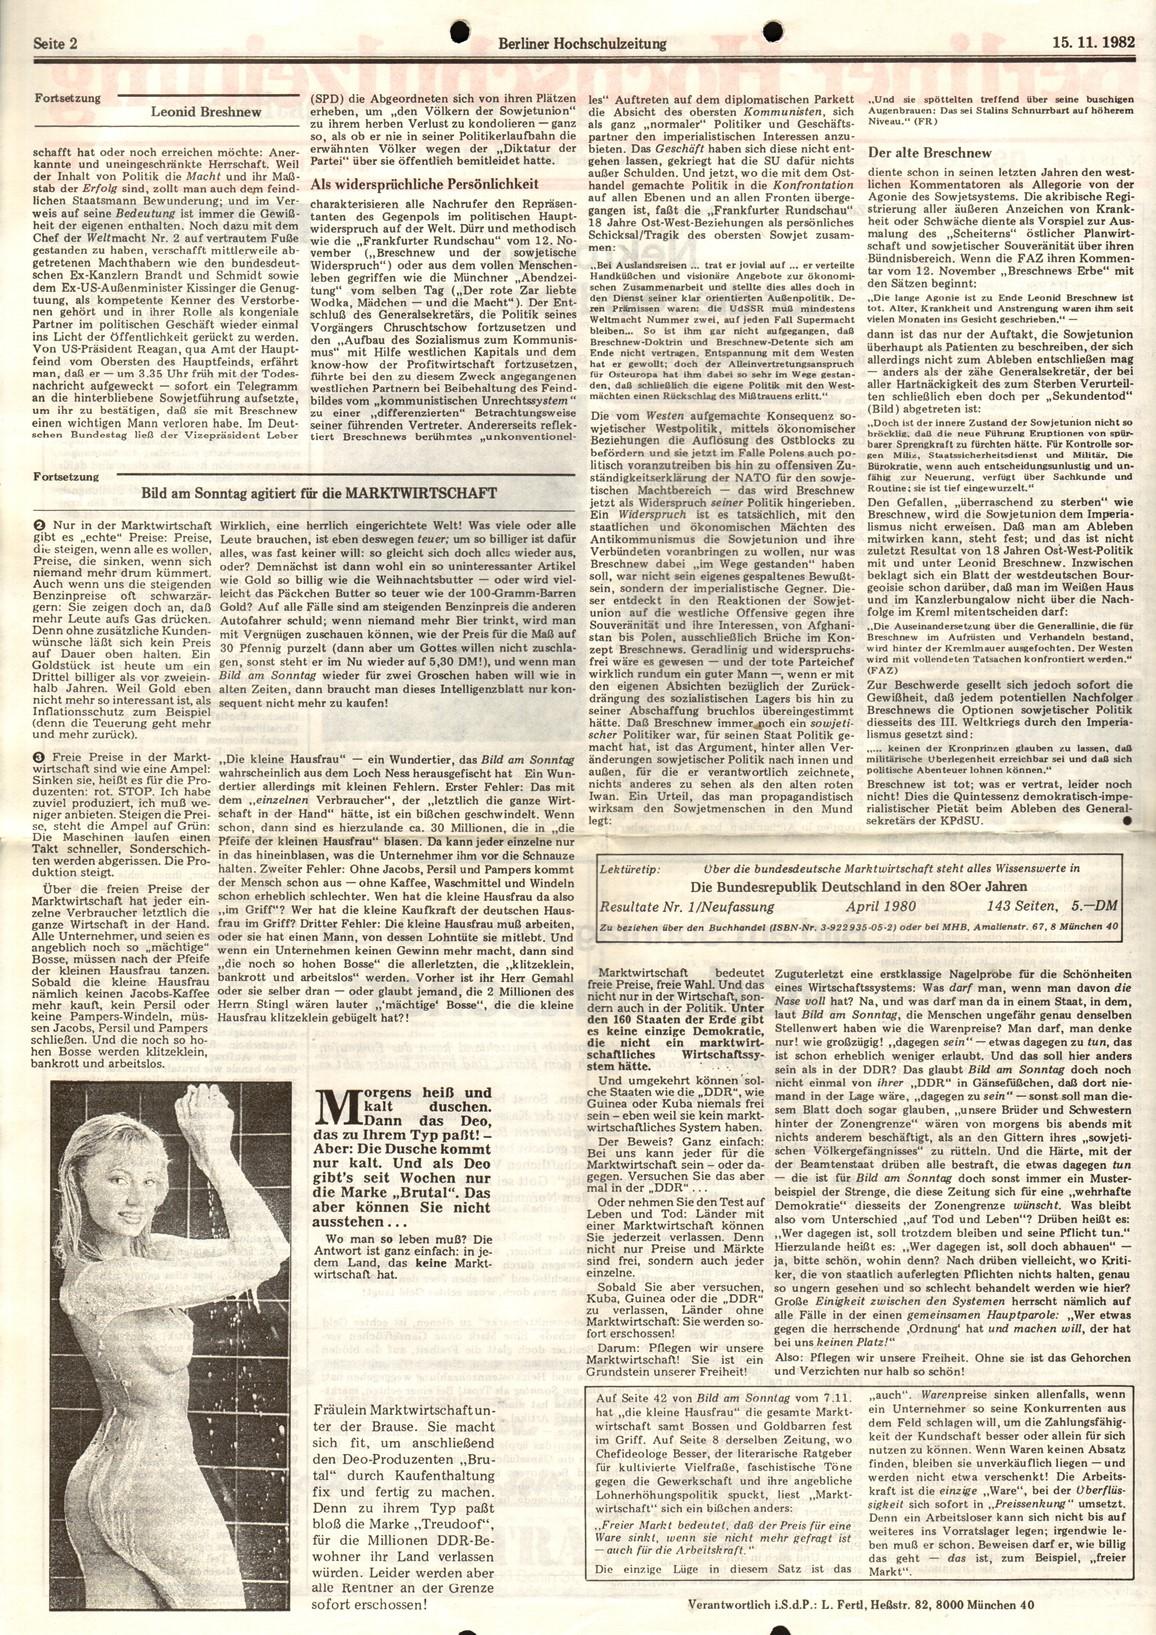 Berlin_MG_Hochschulzeitung_19821115_02